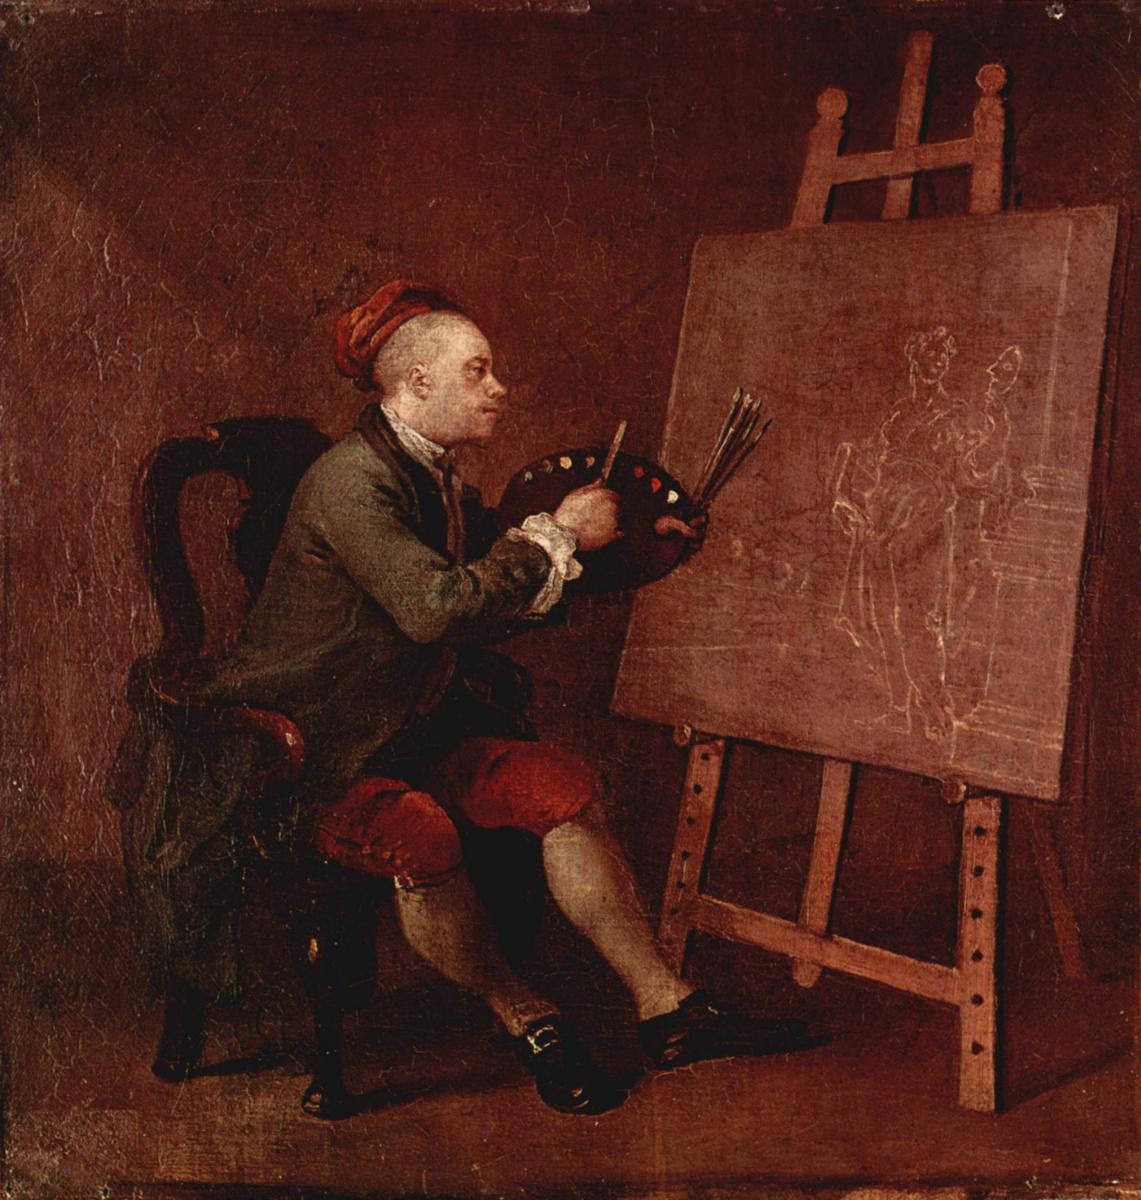 Уильям Хогарт. Автопортрет перед мольбертом за работой над картиной о музе комедии Талии